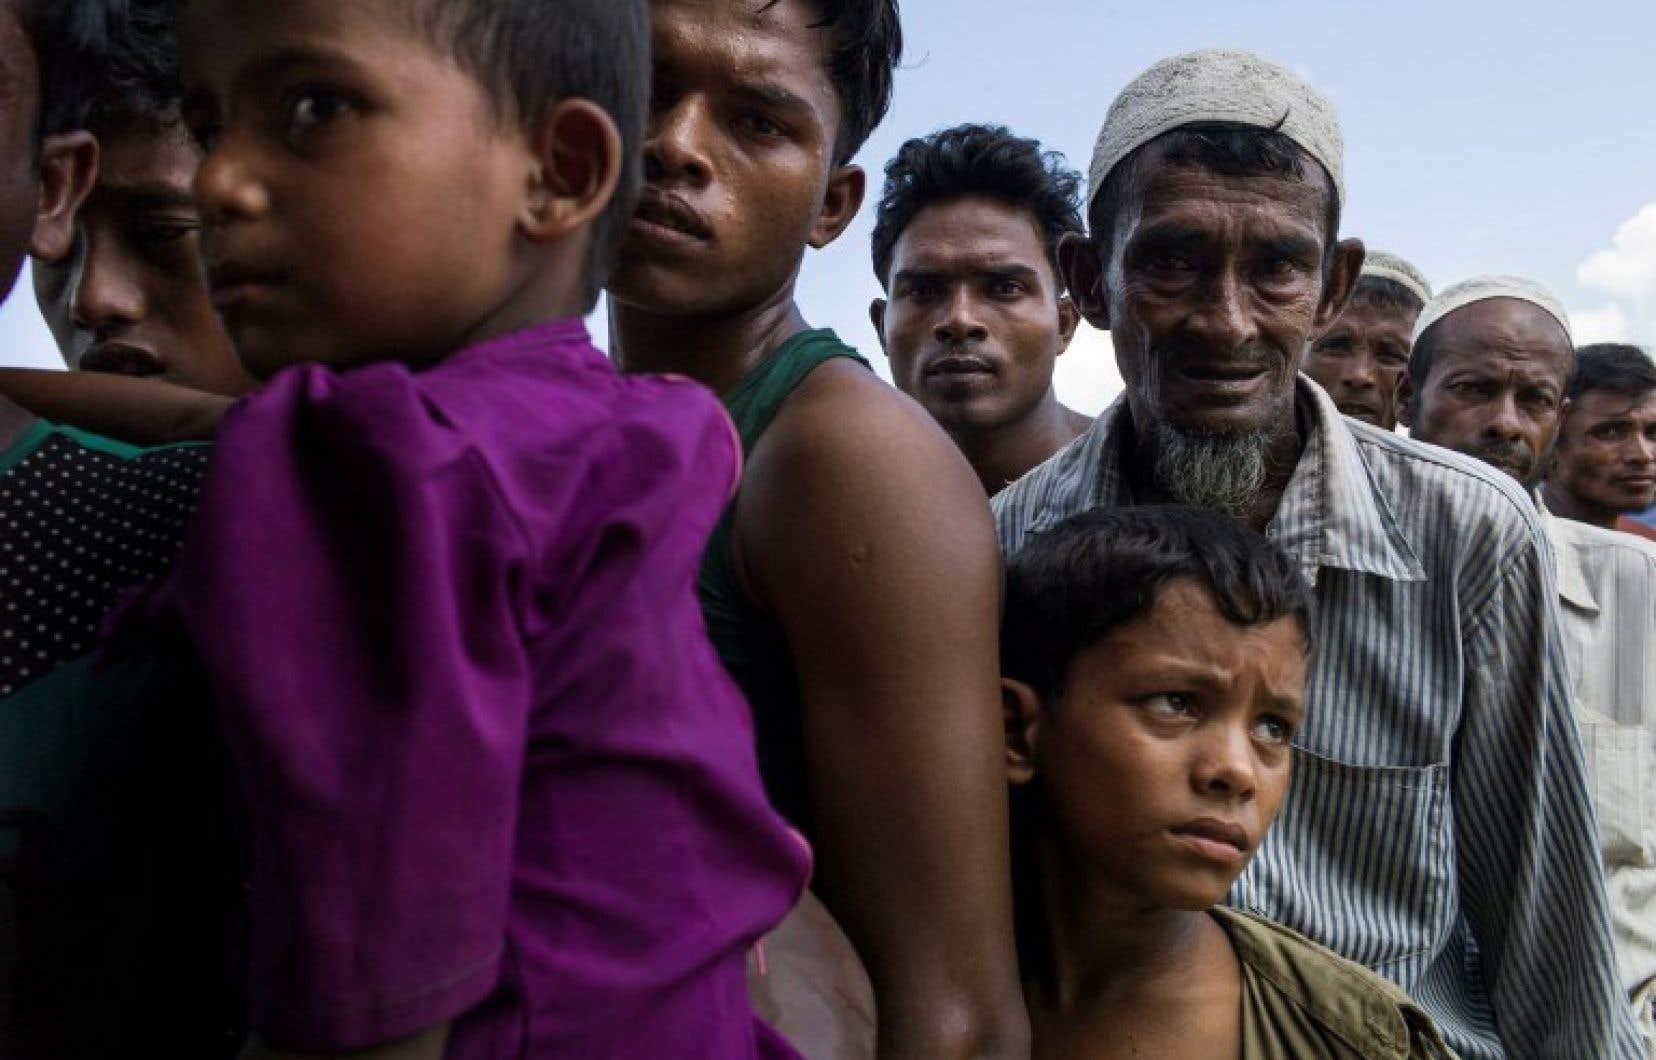 Plus de 507 000 Rohingyas de Birmanie ont déjà passé la frontière pour fuir une campagne de répression de l'armée birmane.